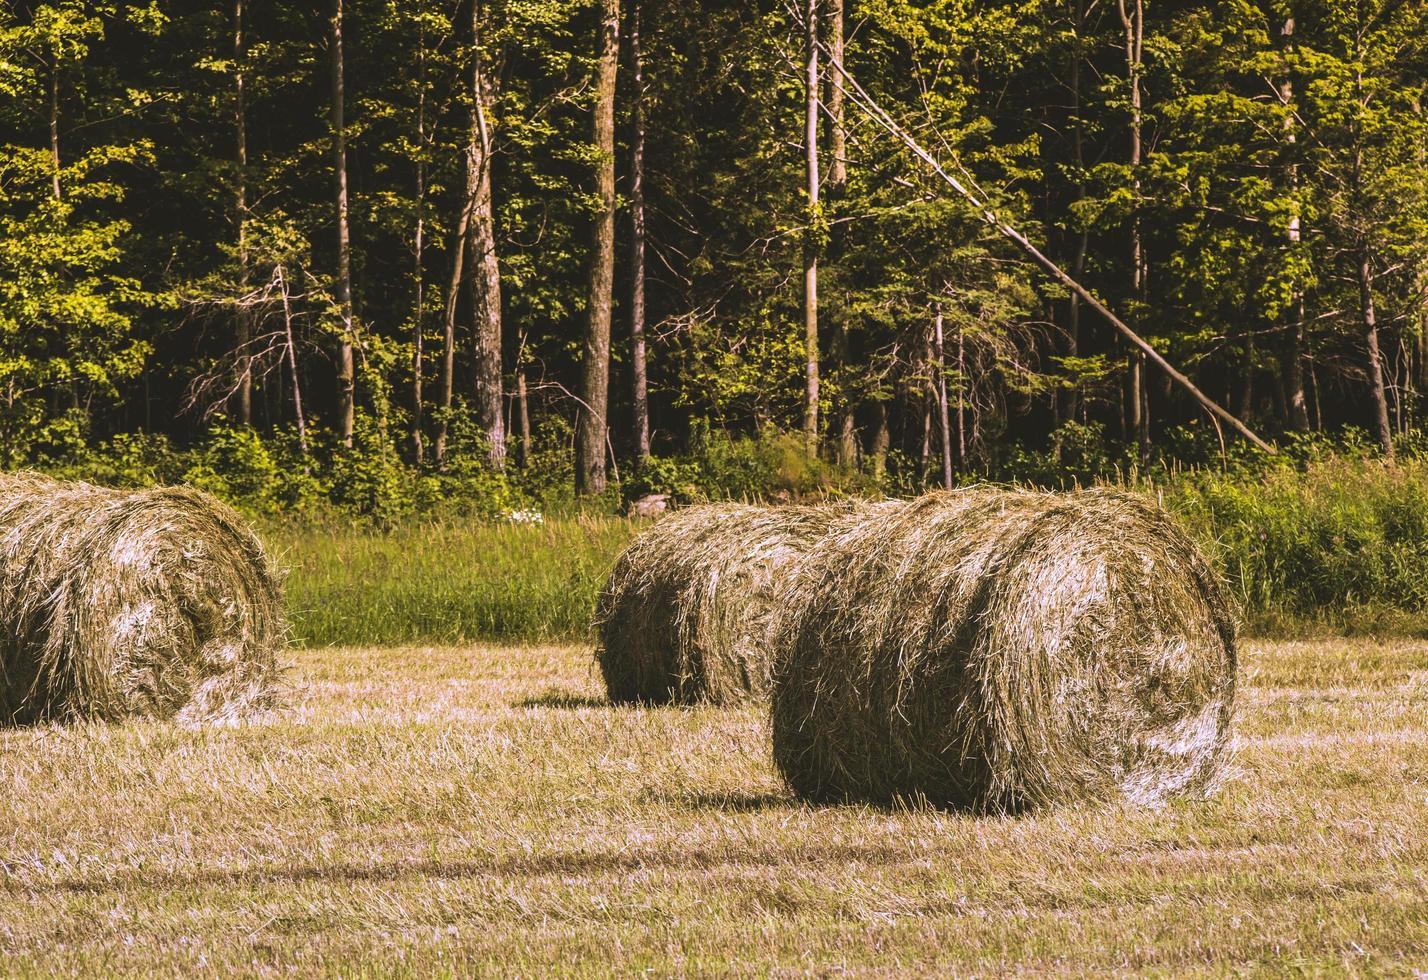 balle di fieno in un campo vicino a una foresta verde foto